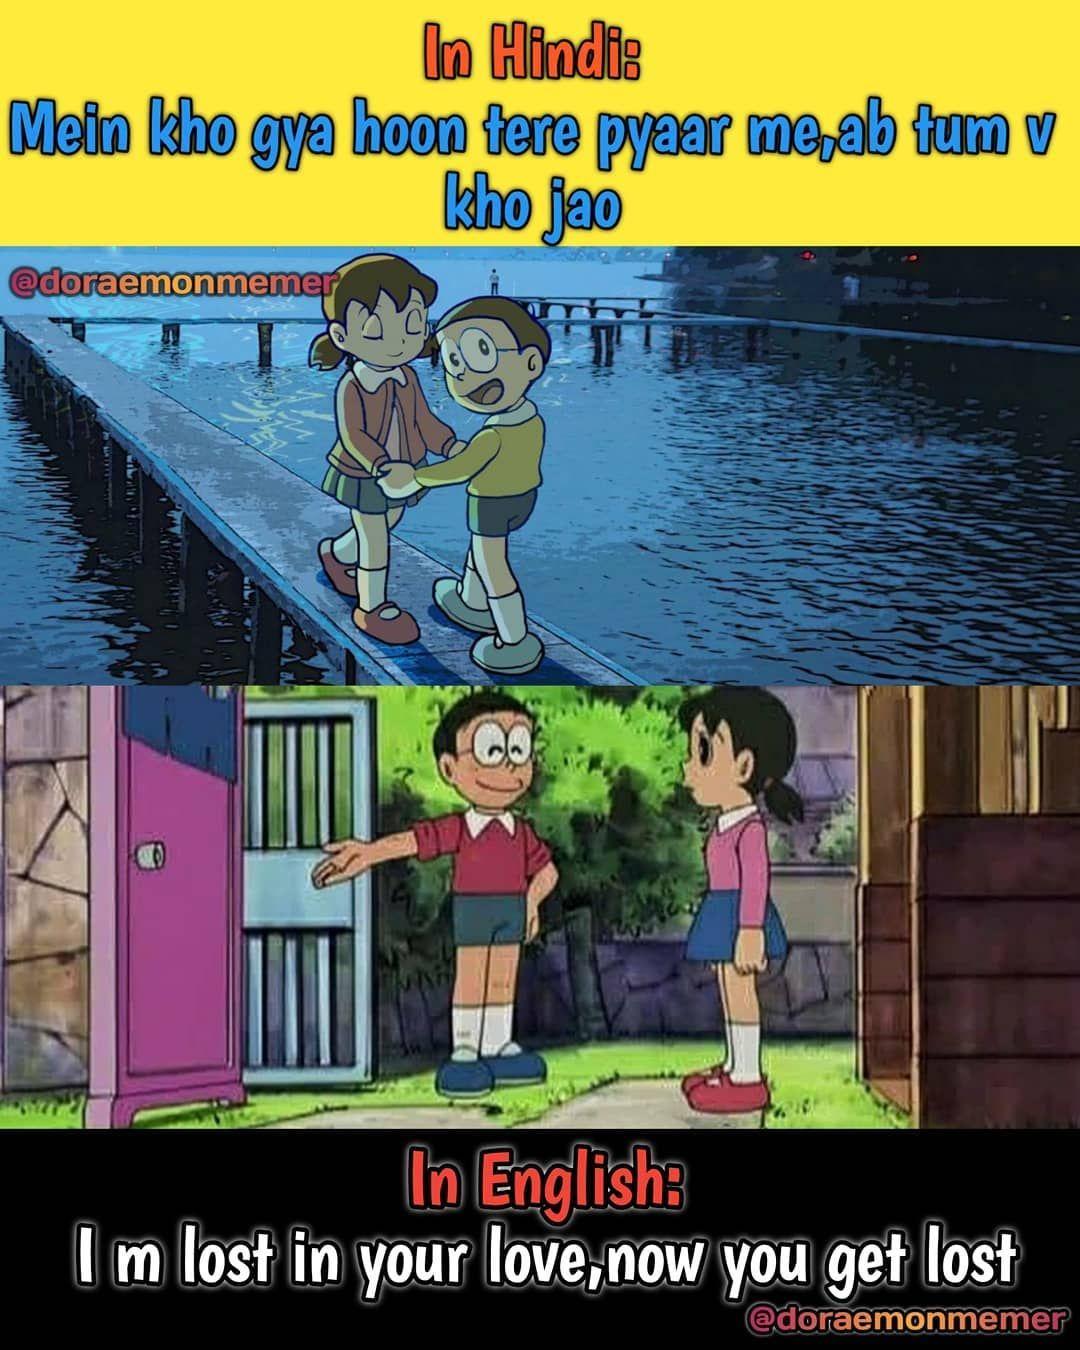 Funny Doraemon Memes Best Funny Doraemon Meme Doraemon English Meme Doraemon Hindi Meme Best Funny Hindi Meme Funny Memes Images Cute Funny Quotes Memes